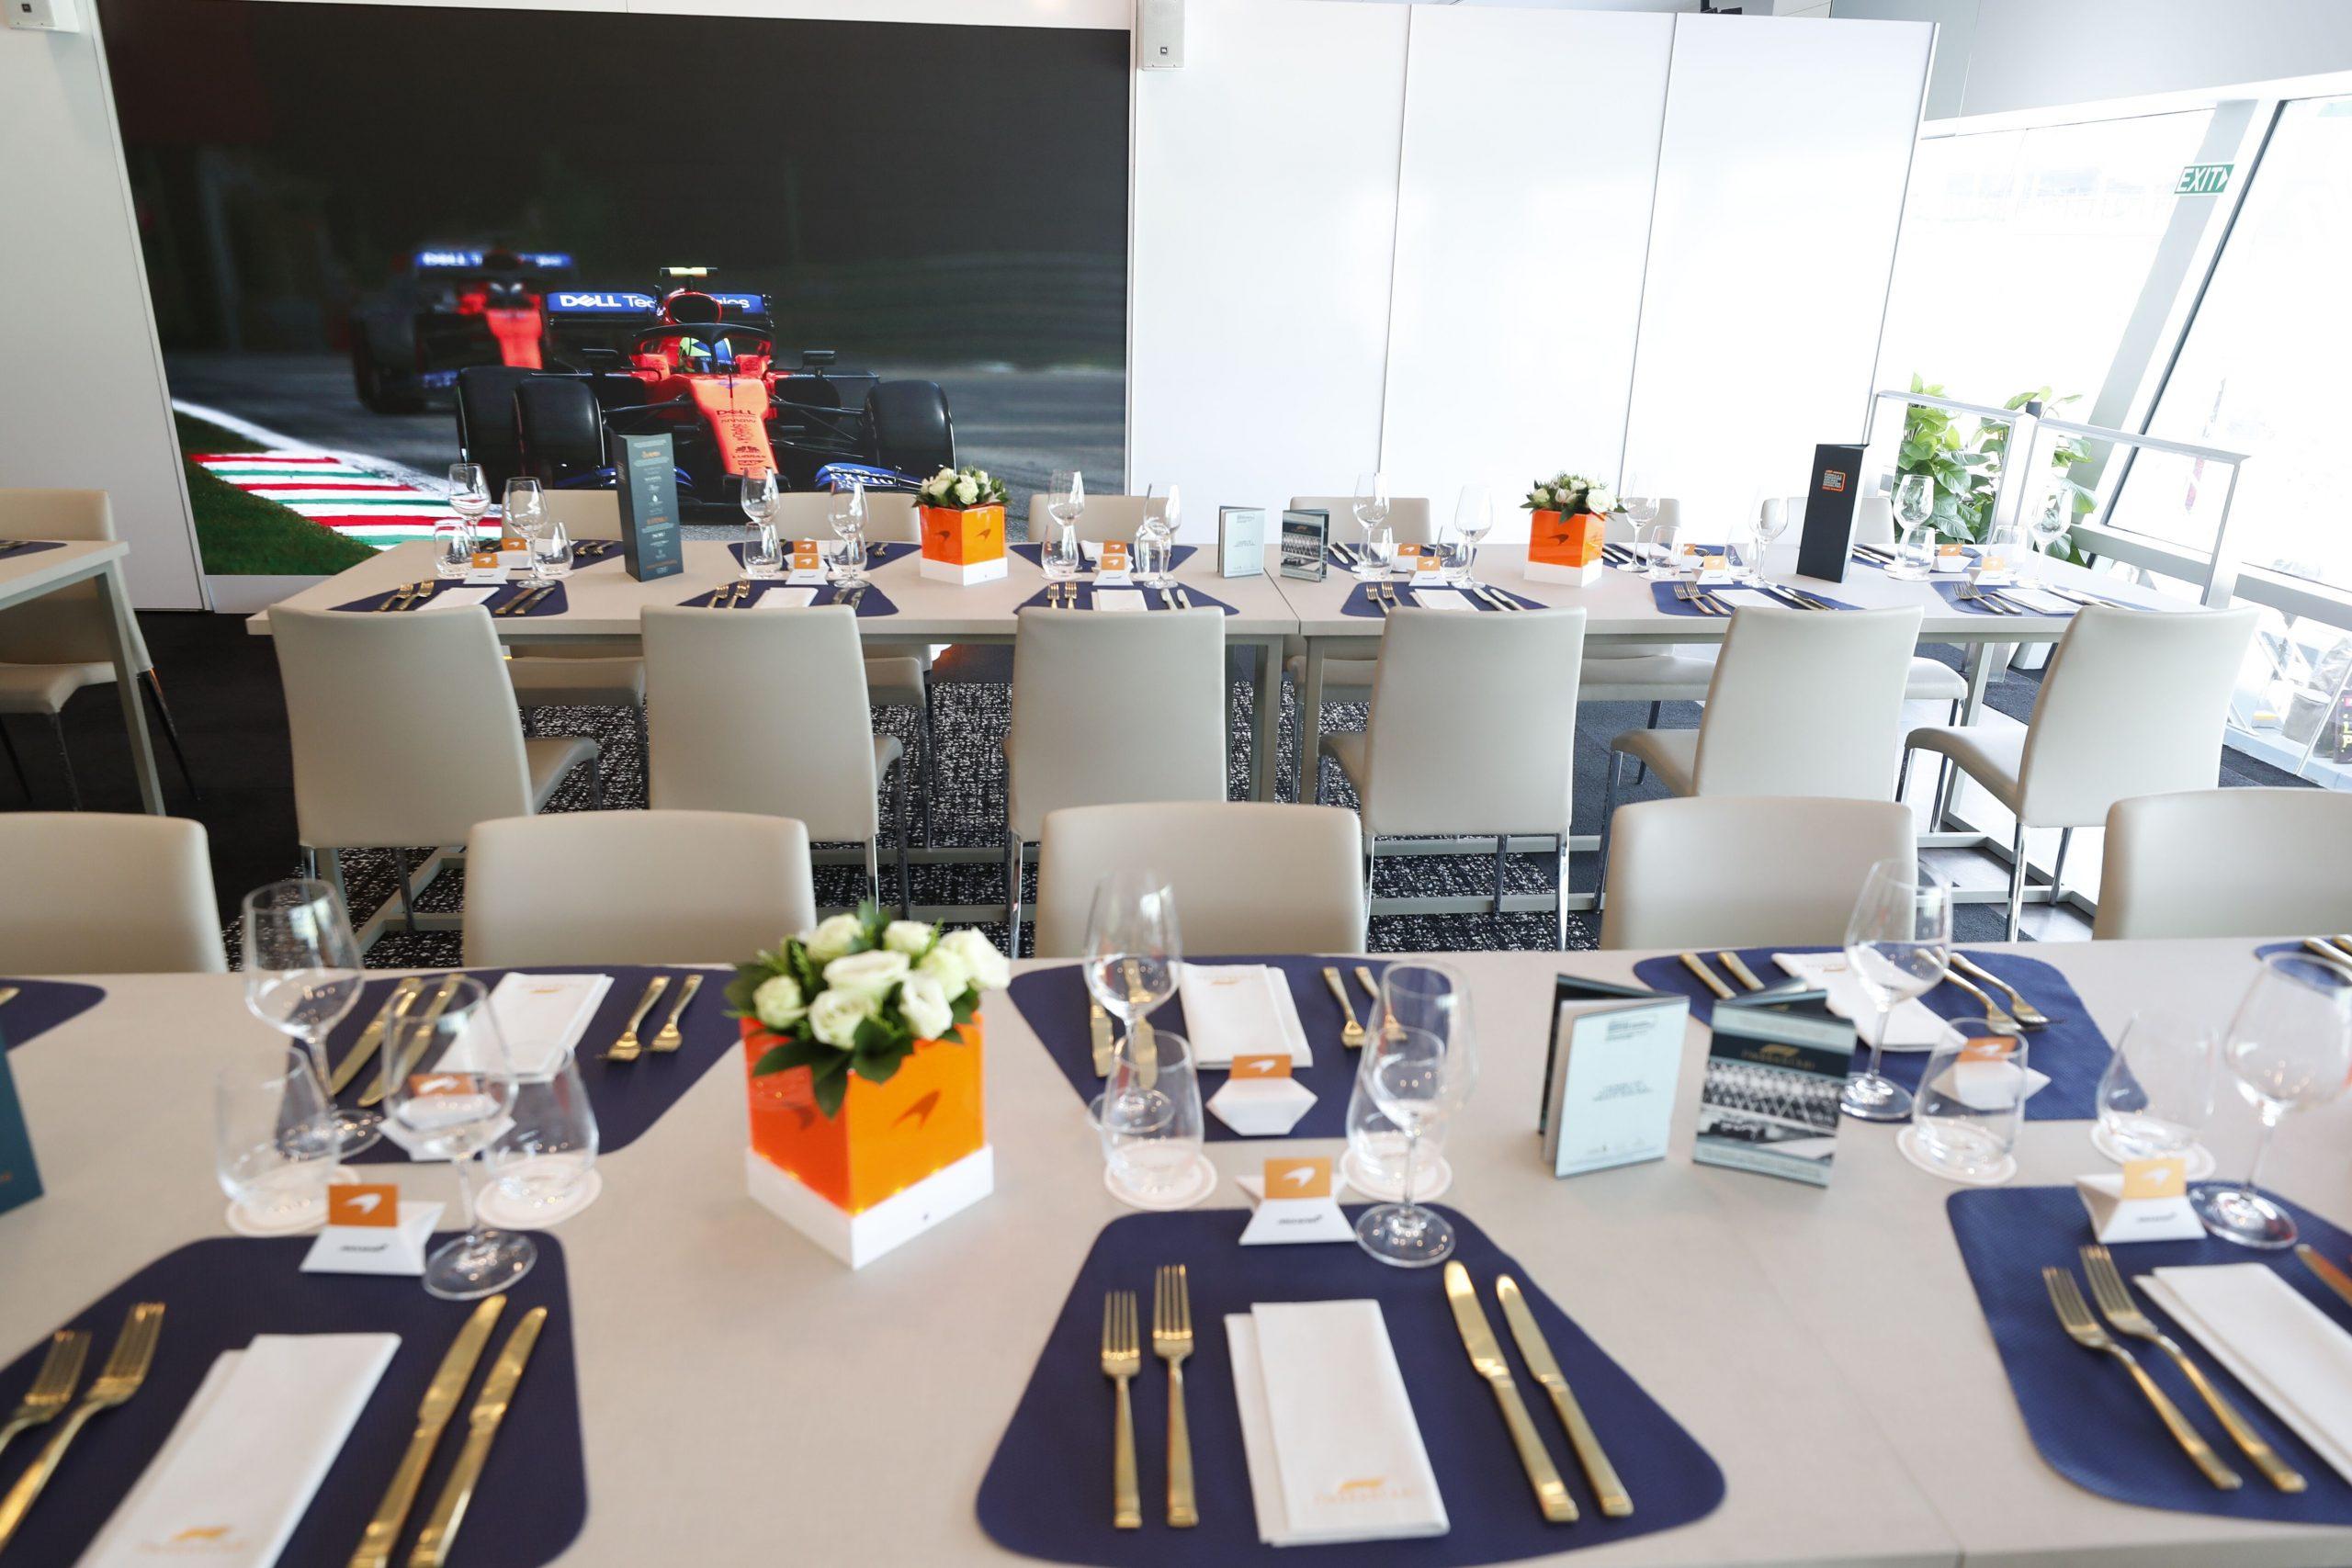 Paddock Club-McLaren